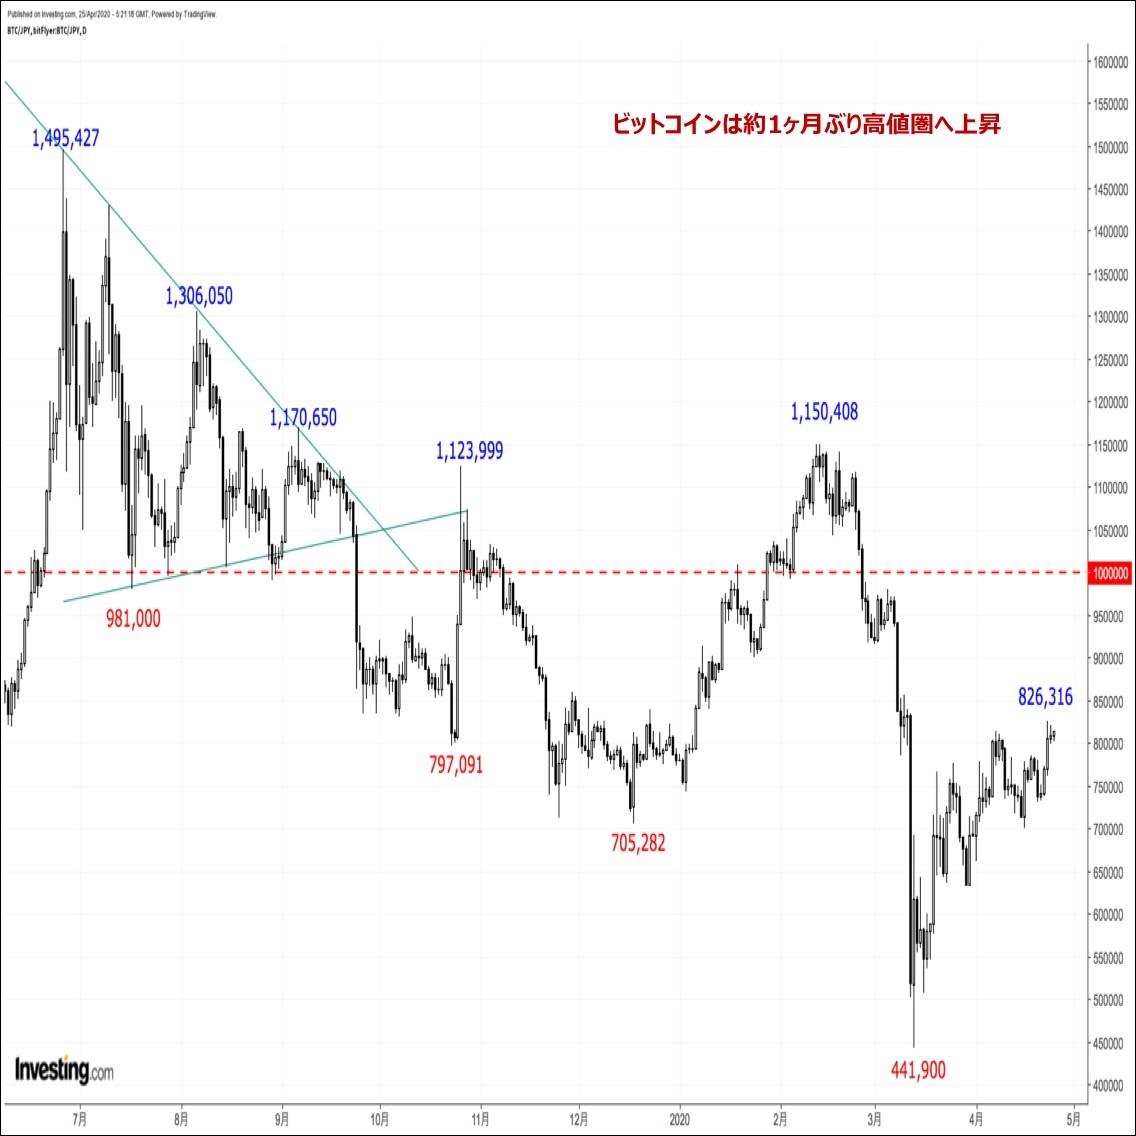 ビットコインの価格分析『三役好転成立も、騙し上げ一巡後の反落リスクに要注意』(20/4/26)